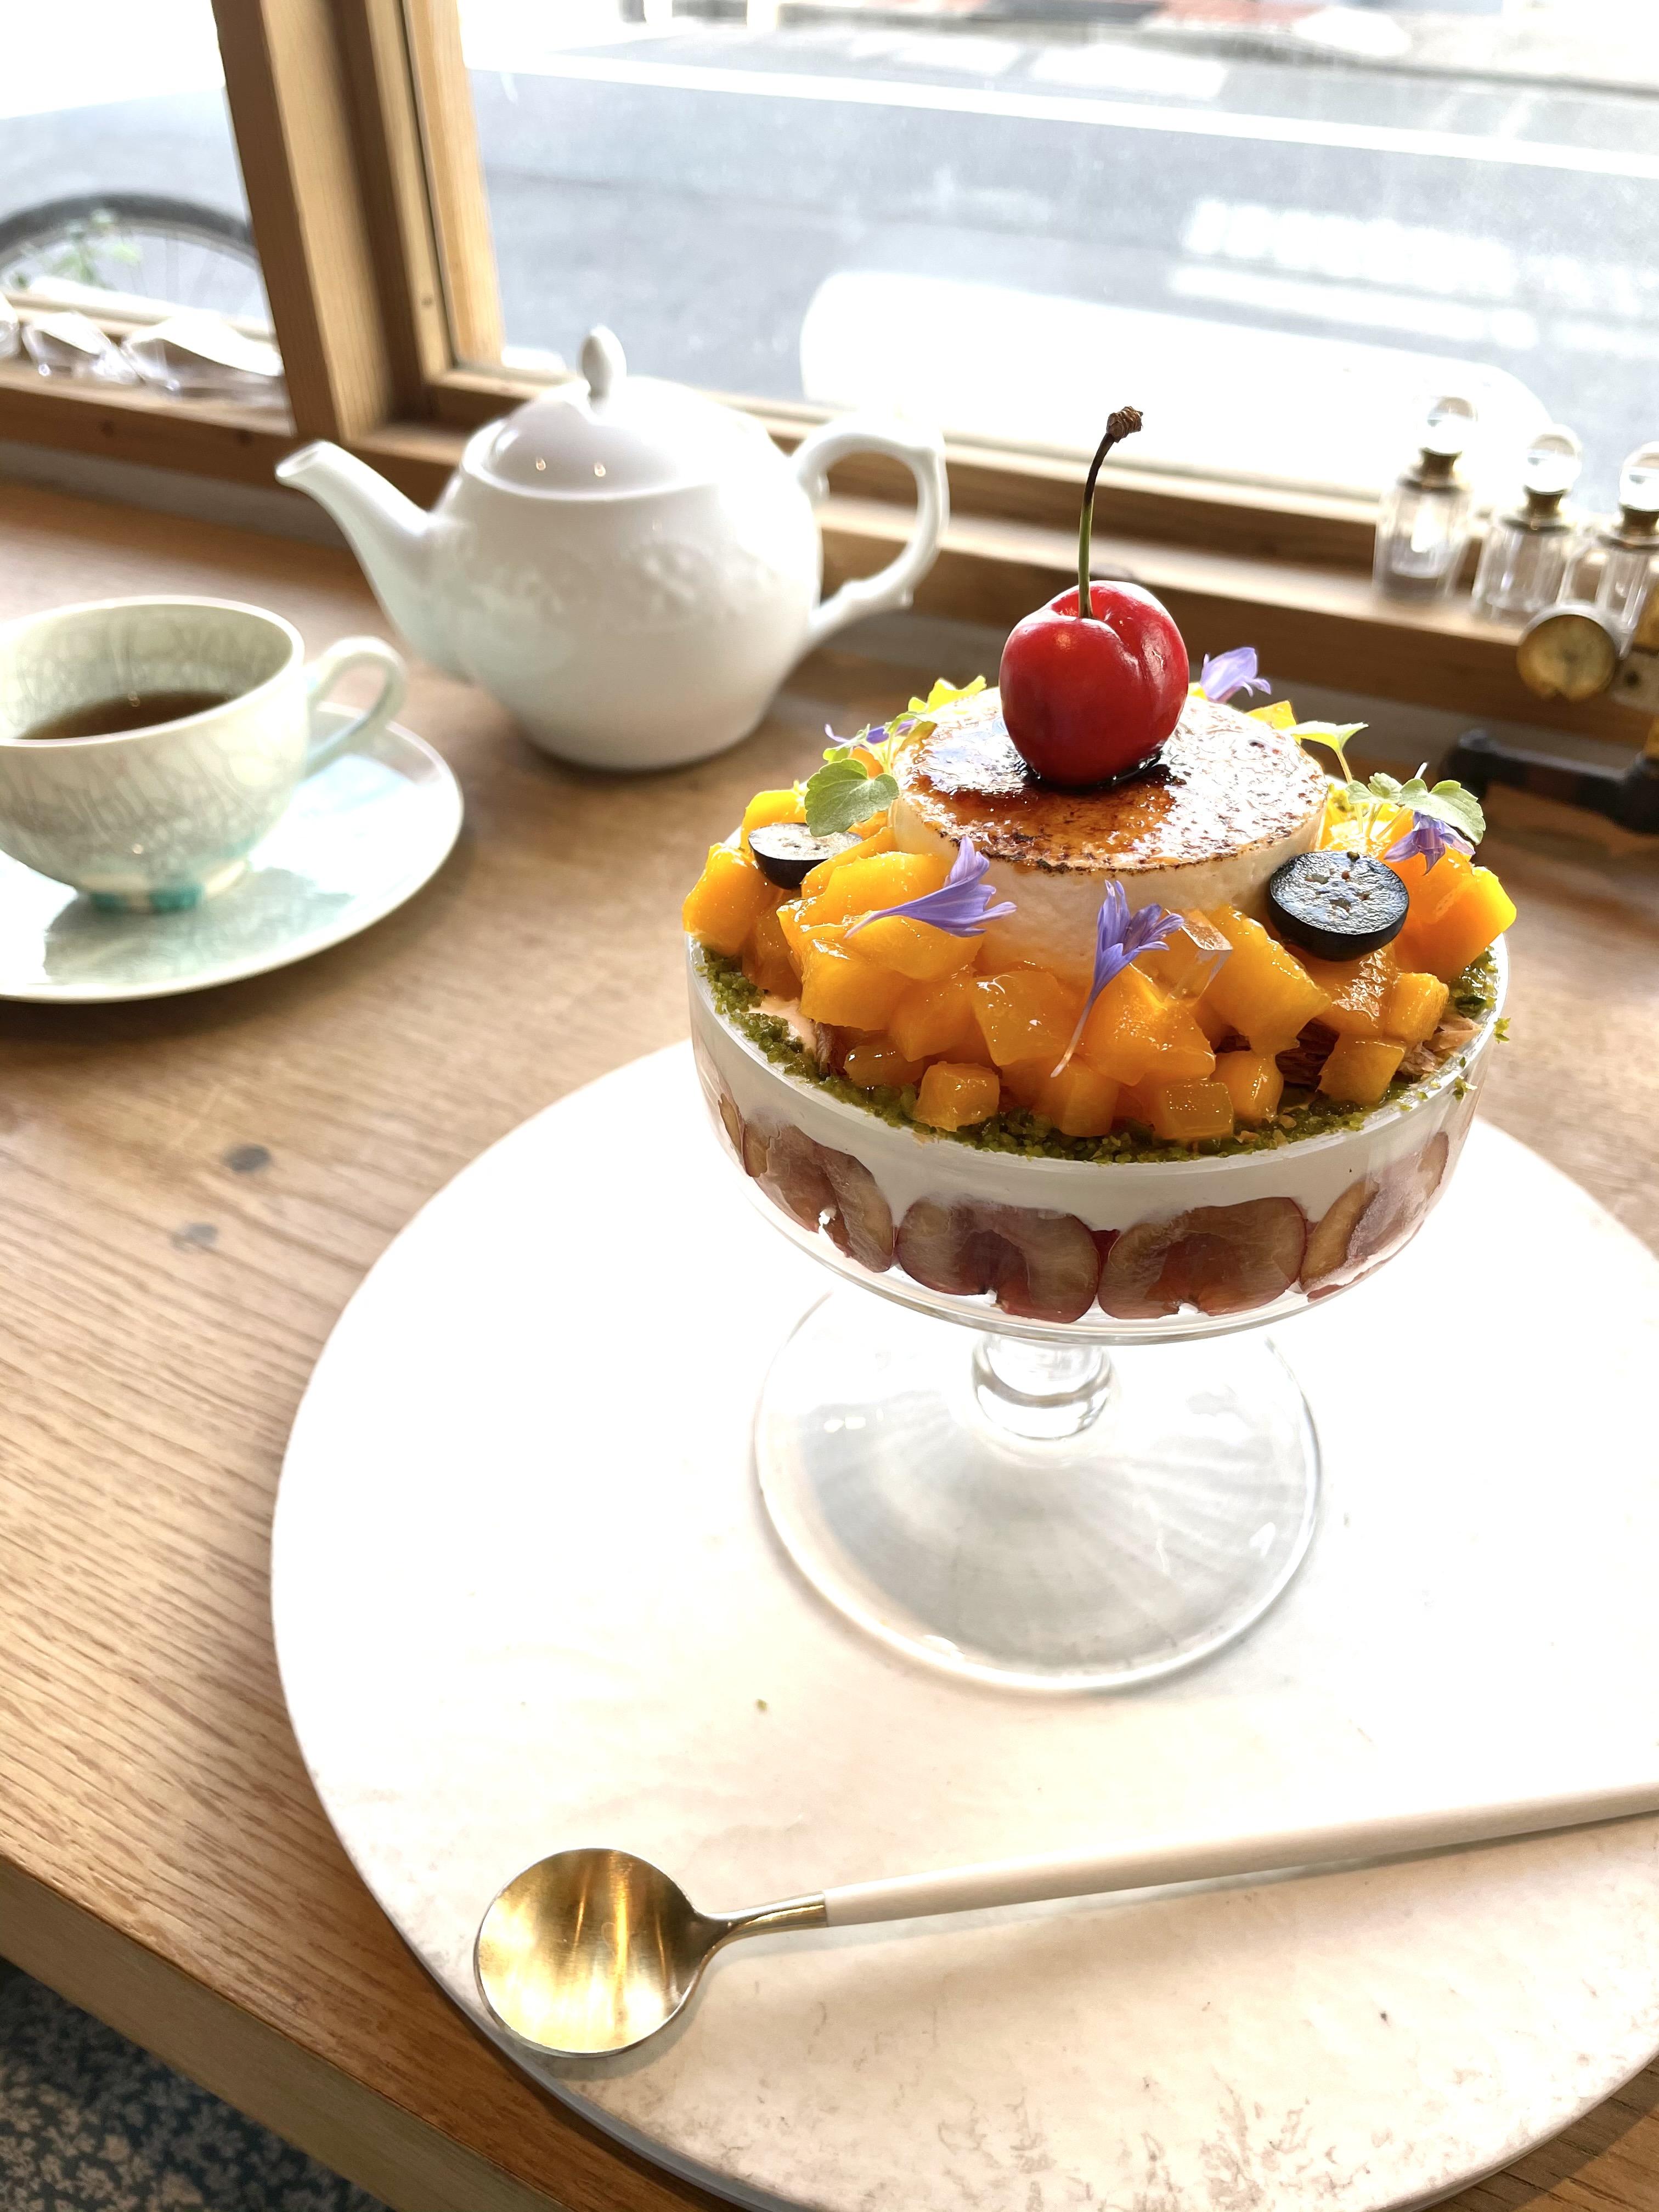 ジャスミン香る宮崎マンゴーと青森さくらんぼの ピュイダムール仕立て 杏仁とフランボワーズ風味/パフェ